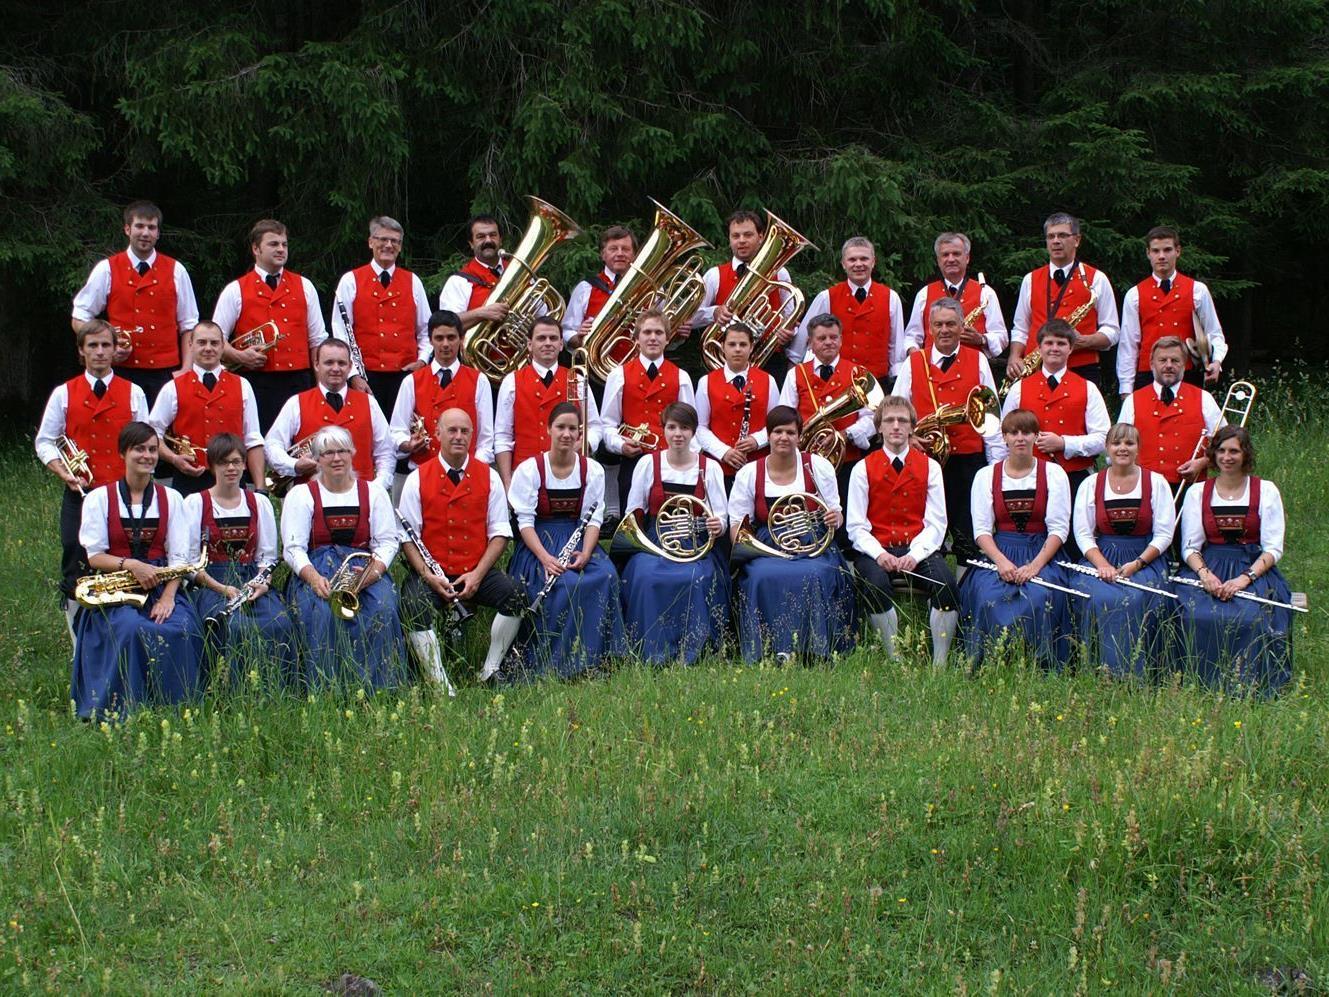 Gut gelaunte Musikanten spielen in Schoppernau auf.